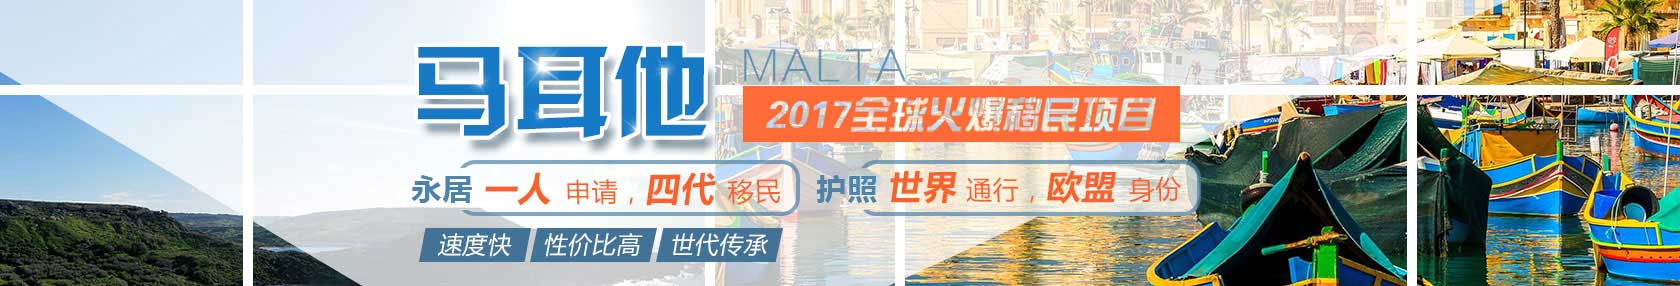 """环球移民马耳他移民项目:永居一人申请四代移民,马耳他护照圆您""""欧盟身份梦"""""""